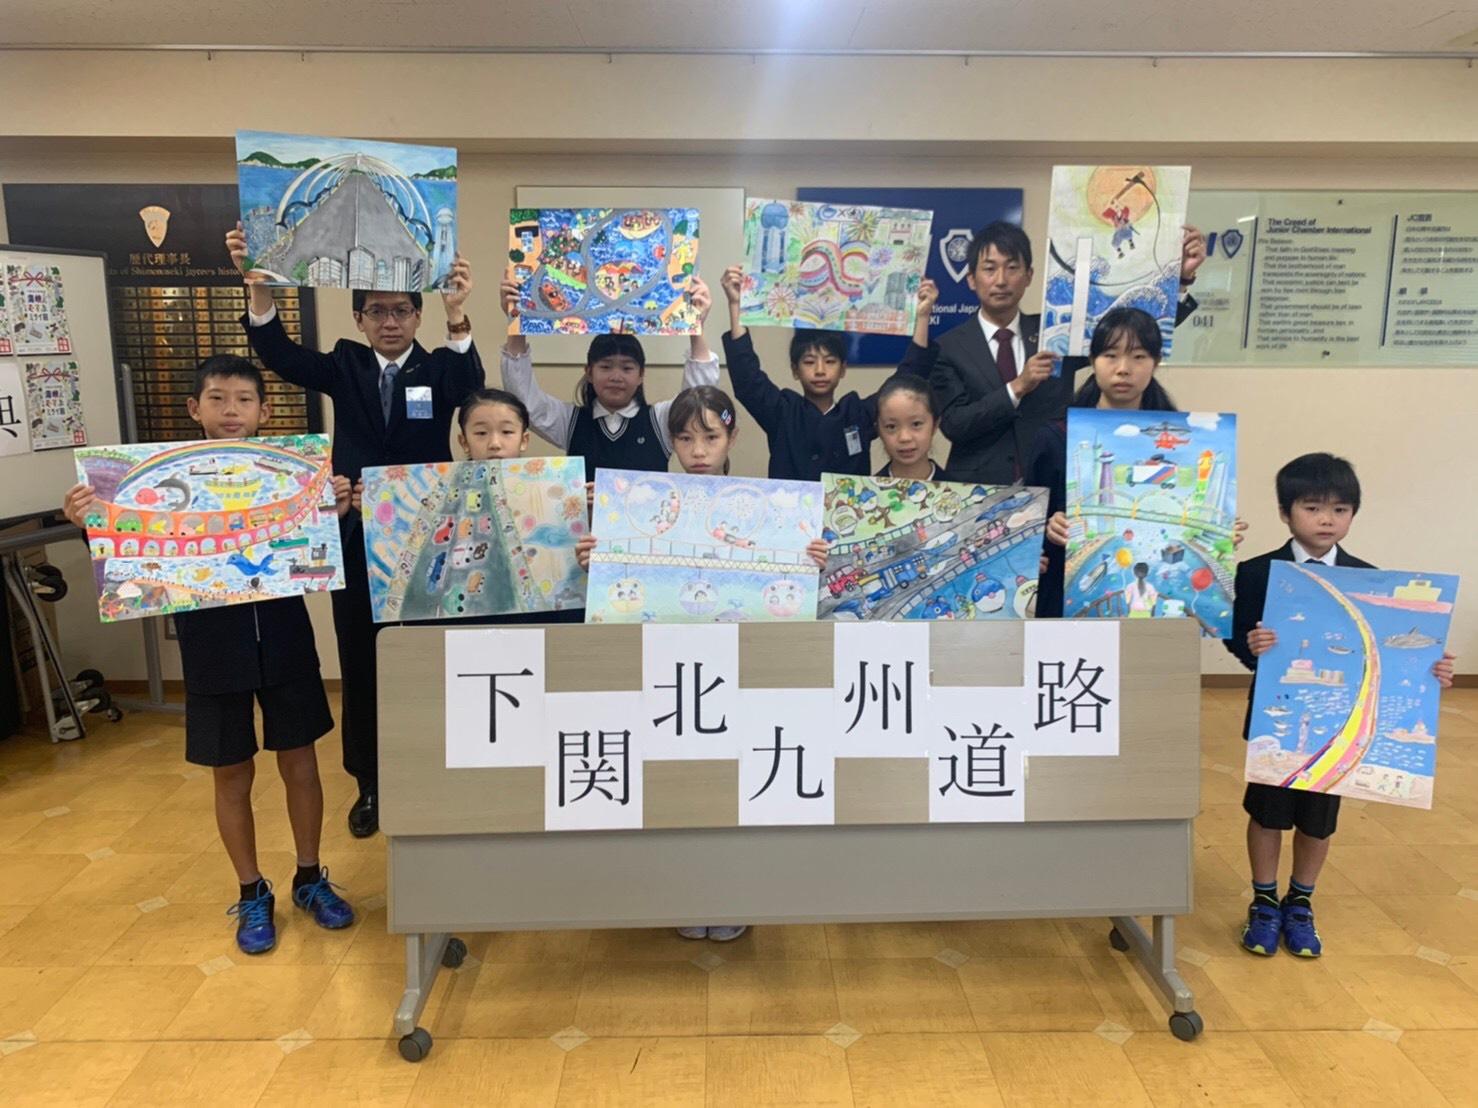 下関北九州道路『海峡むすぶミライ図』絵画受賞者表彰式のサムネイル画像4